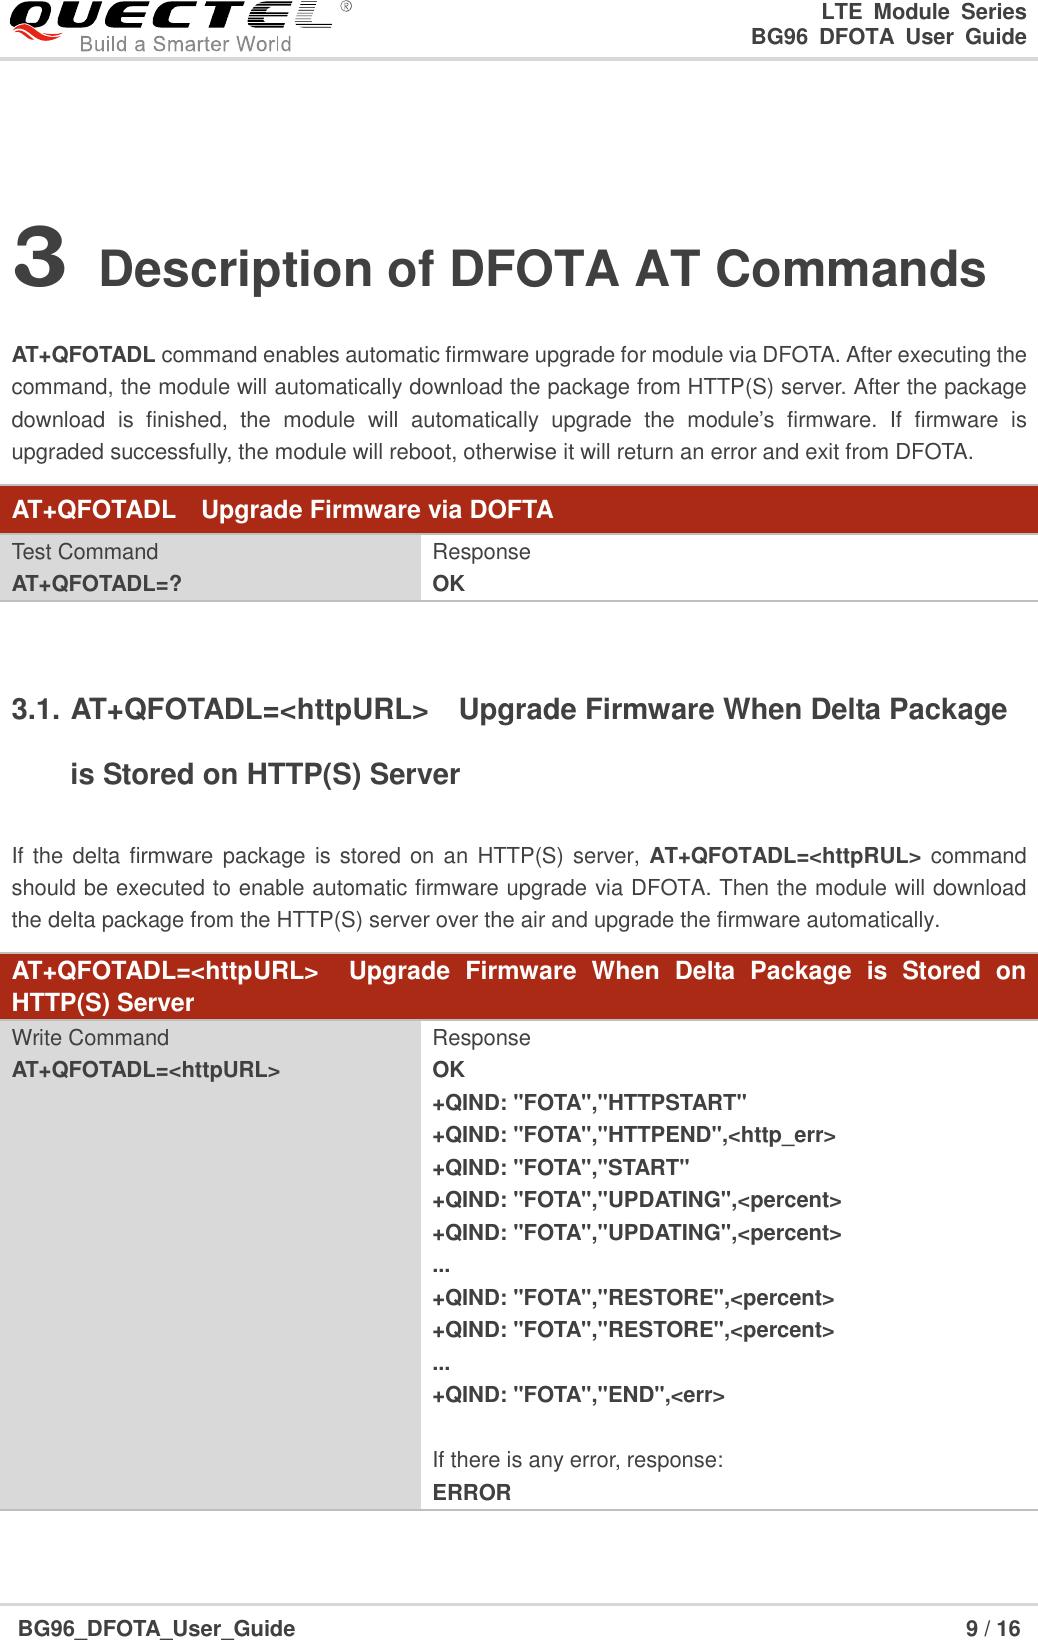 Quectel BG96 DFOTA User Guide V1 0